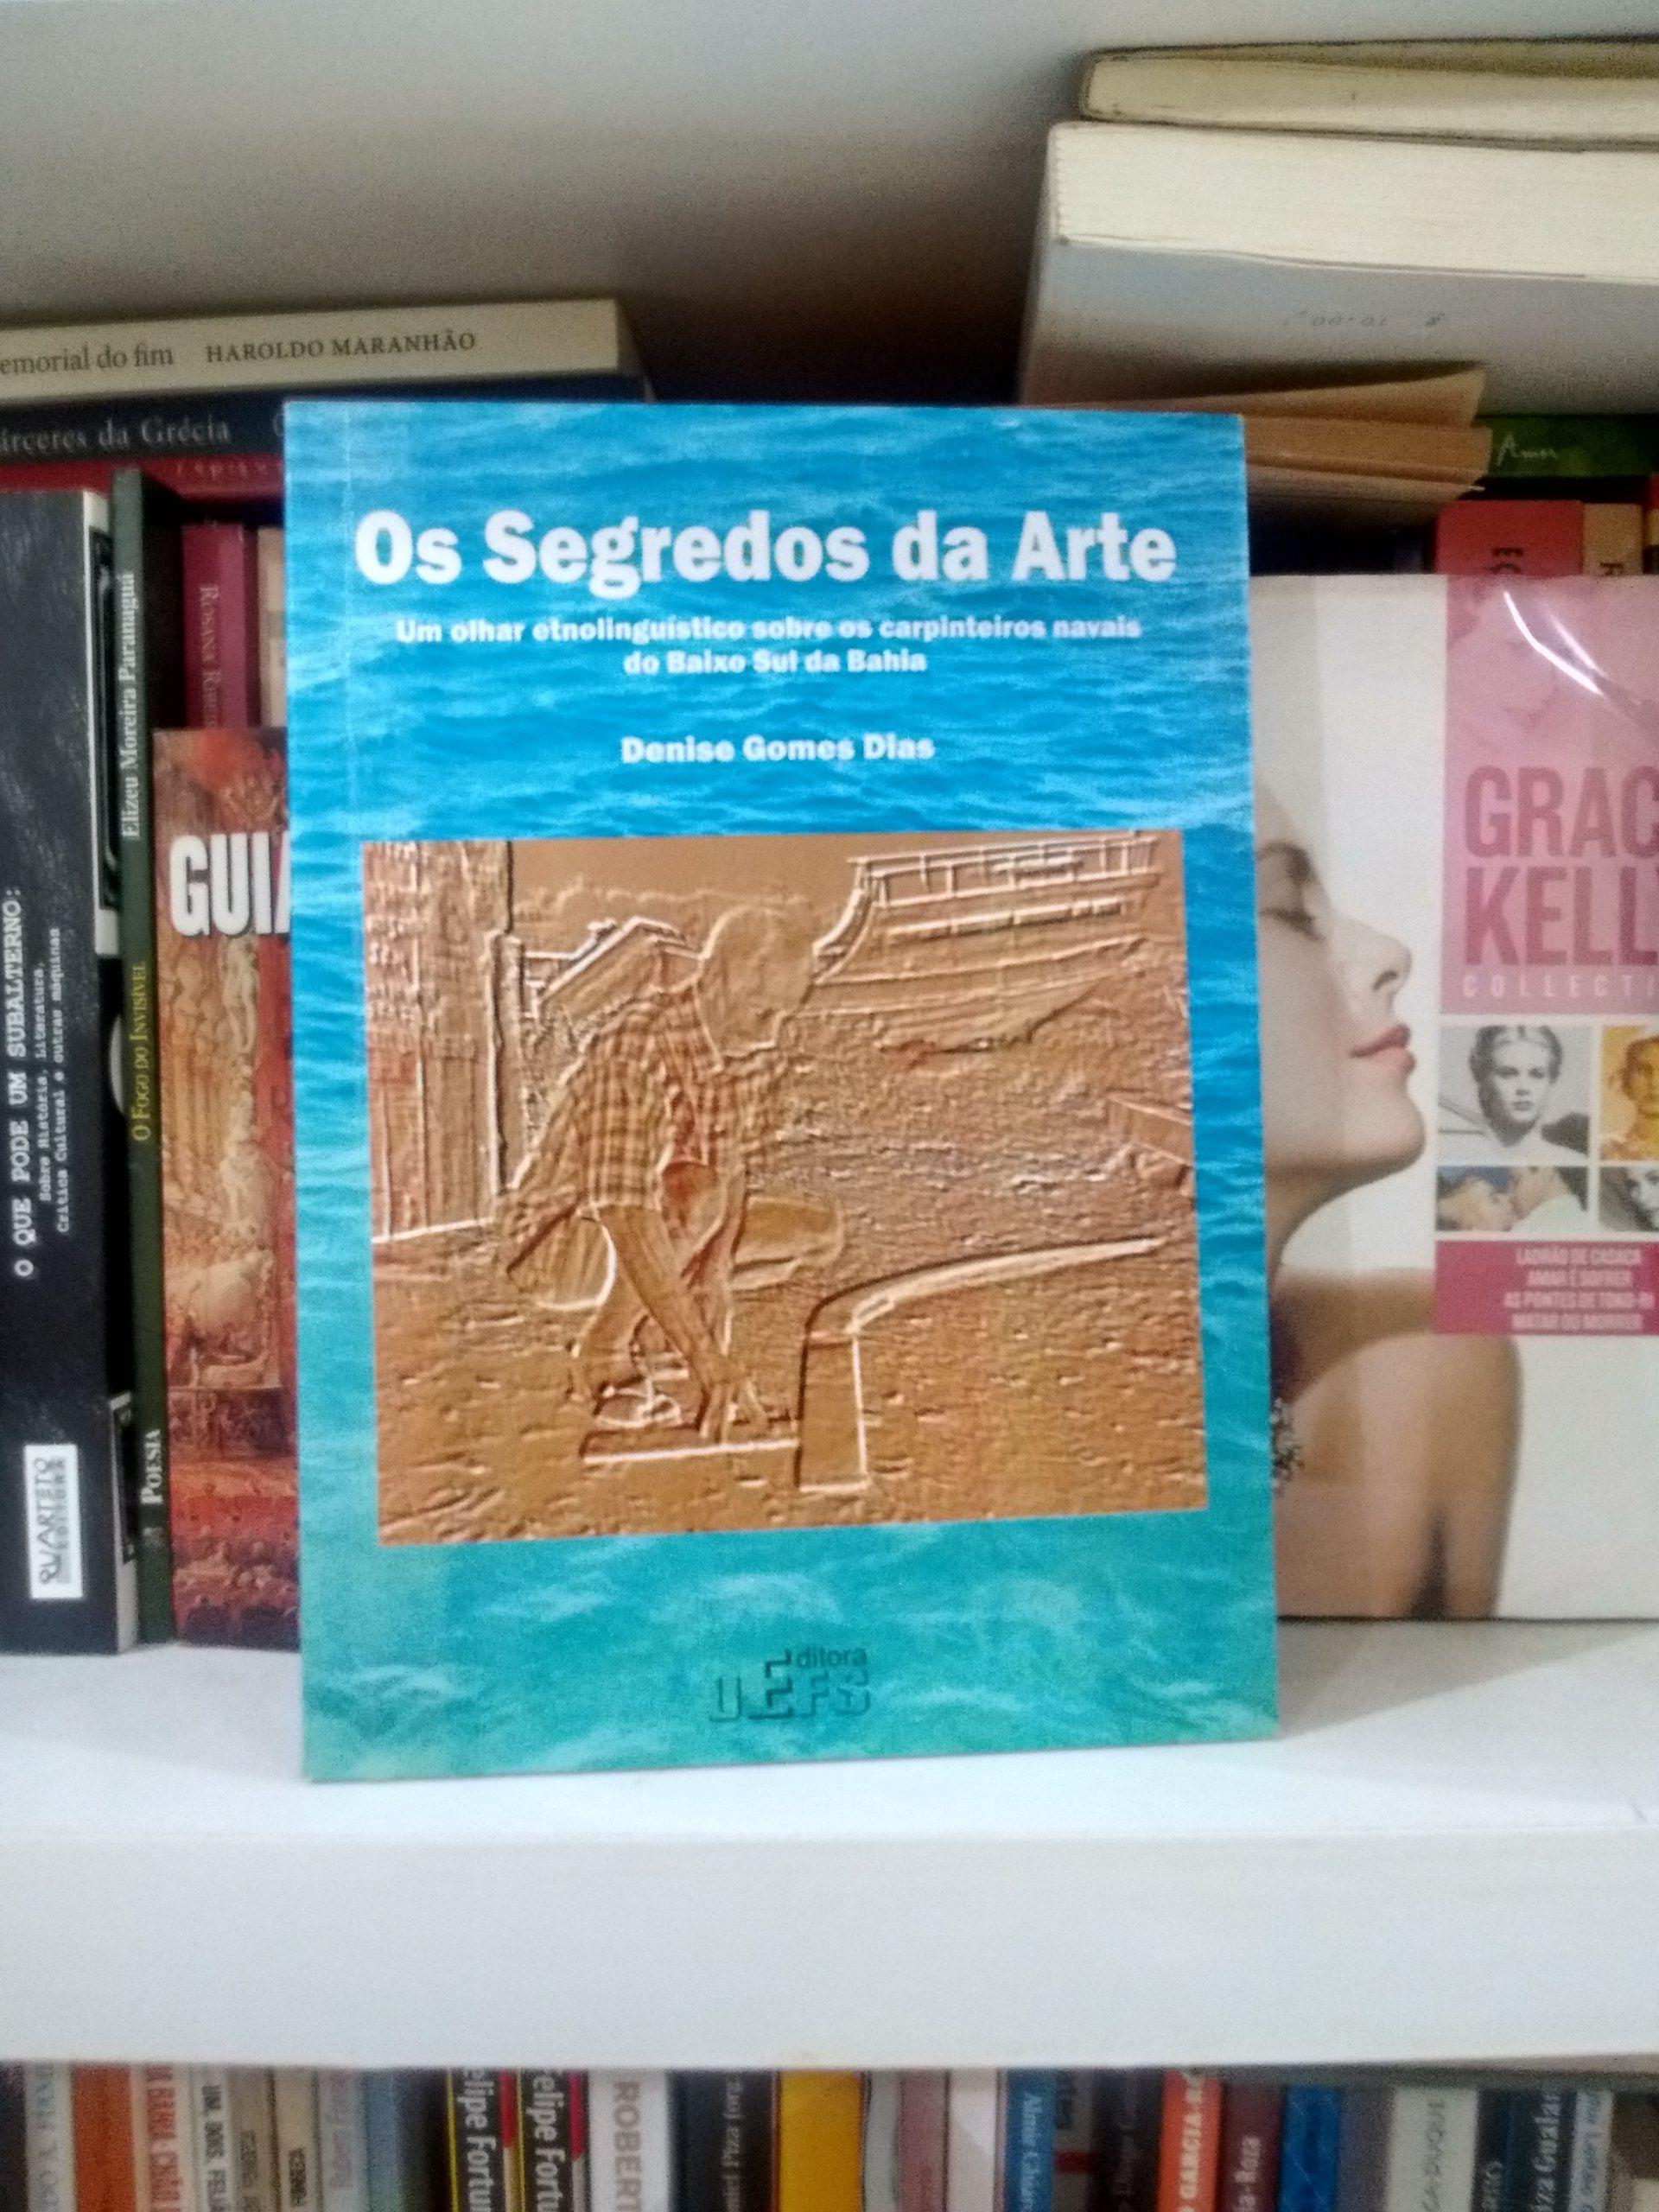 Os segredos da arte - Denise Gomes Dias  https://www.dalianegra.com.br/os-segredos-da-arte